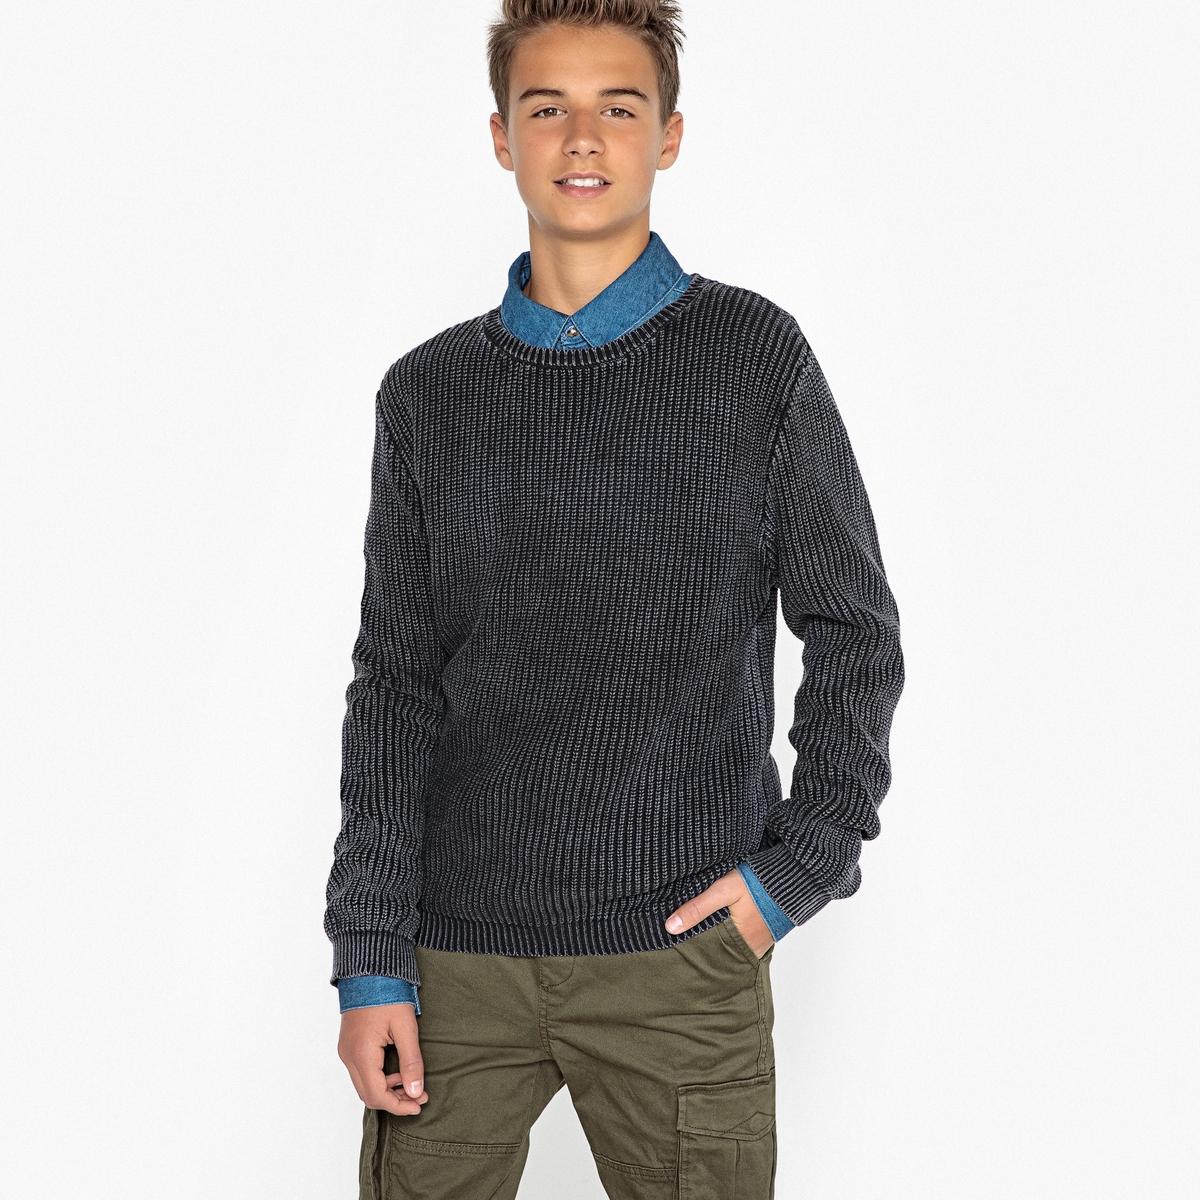 Пуловер с круглым вырезом из тонкого трикотажа 10 - 16 лет